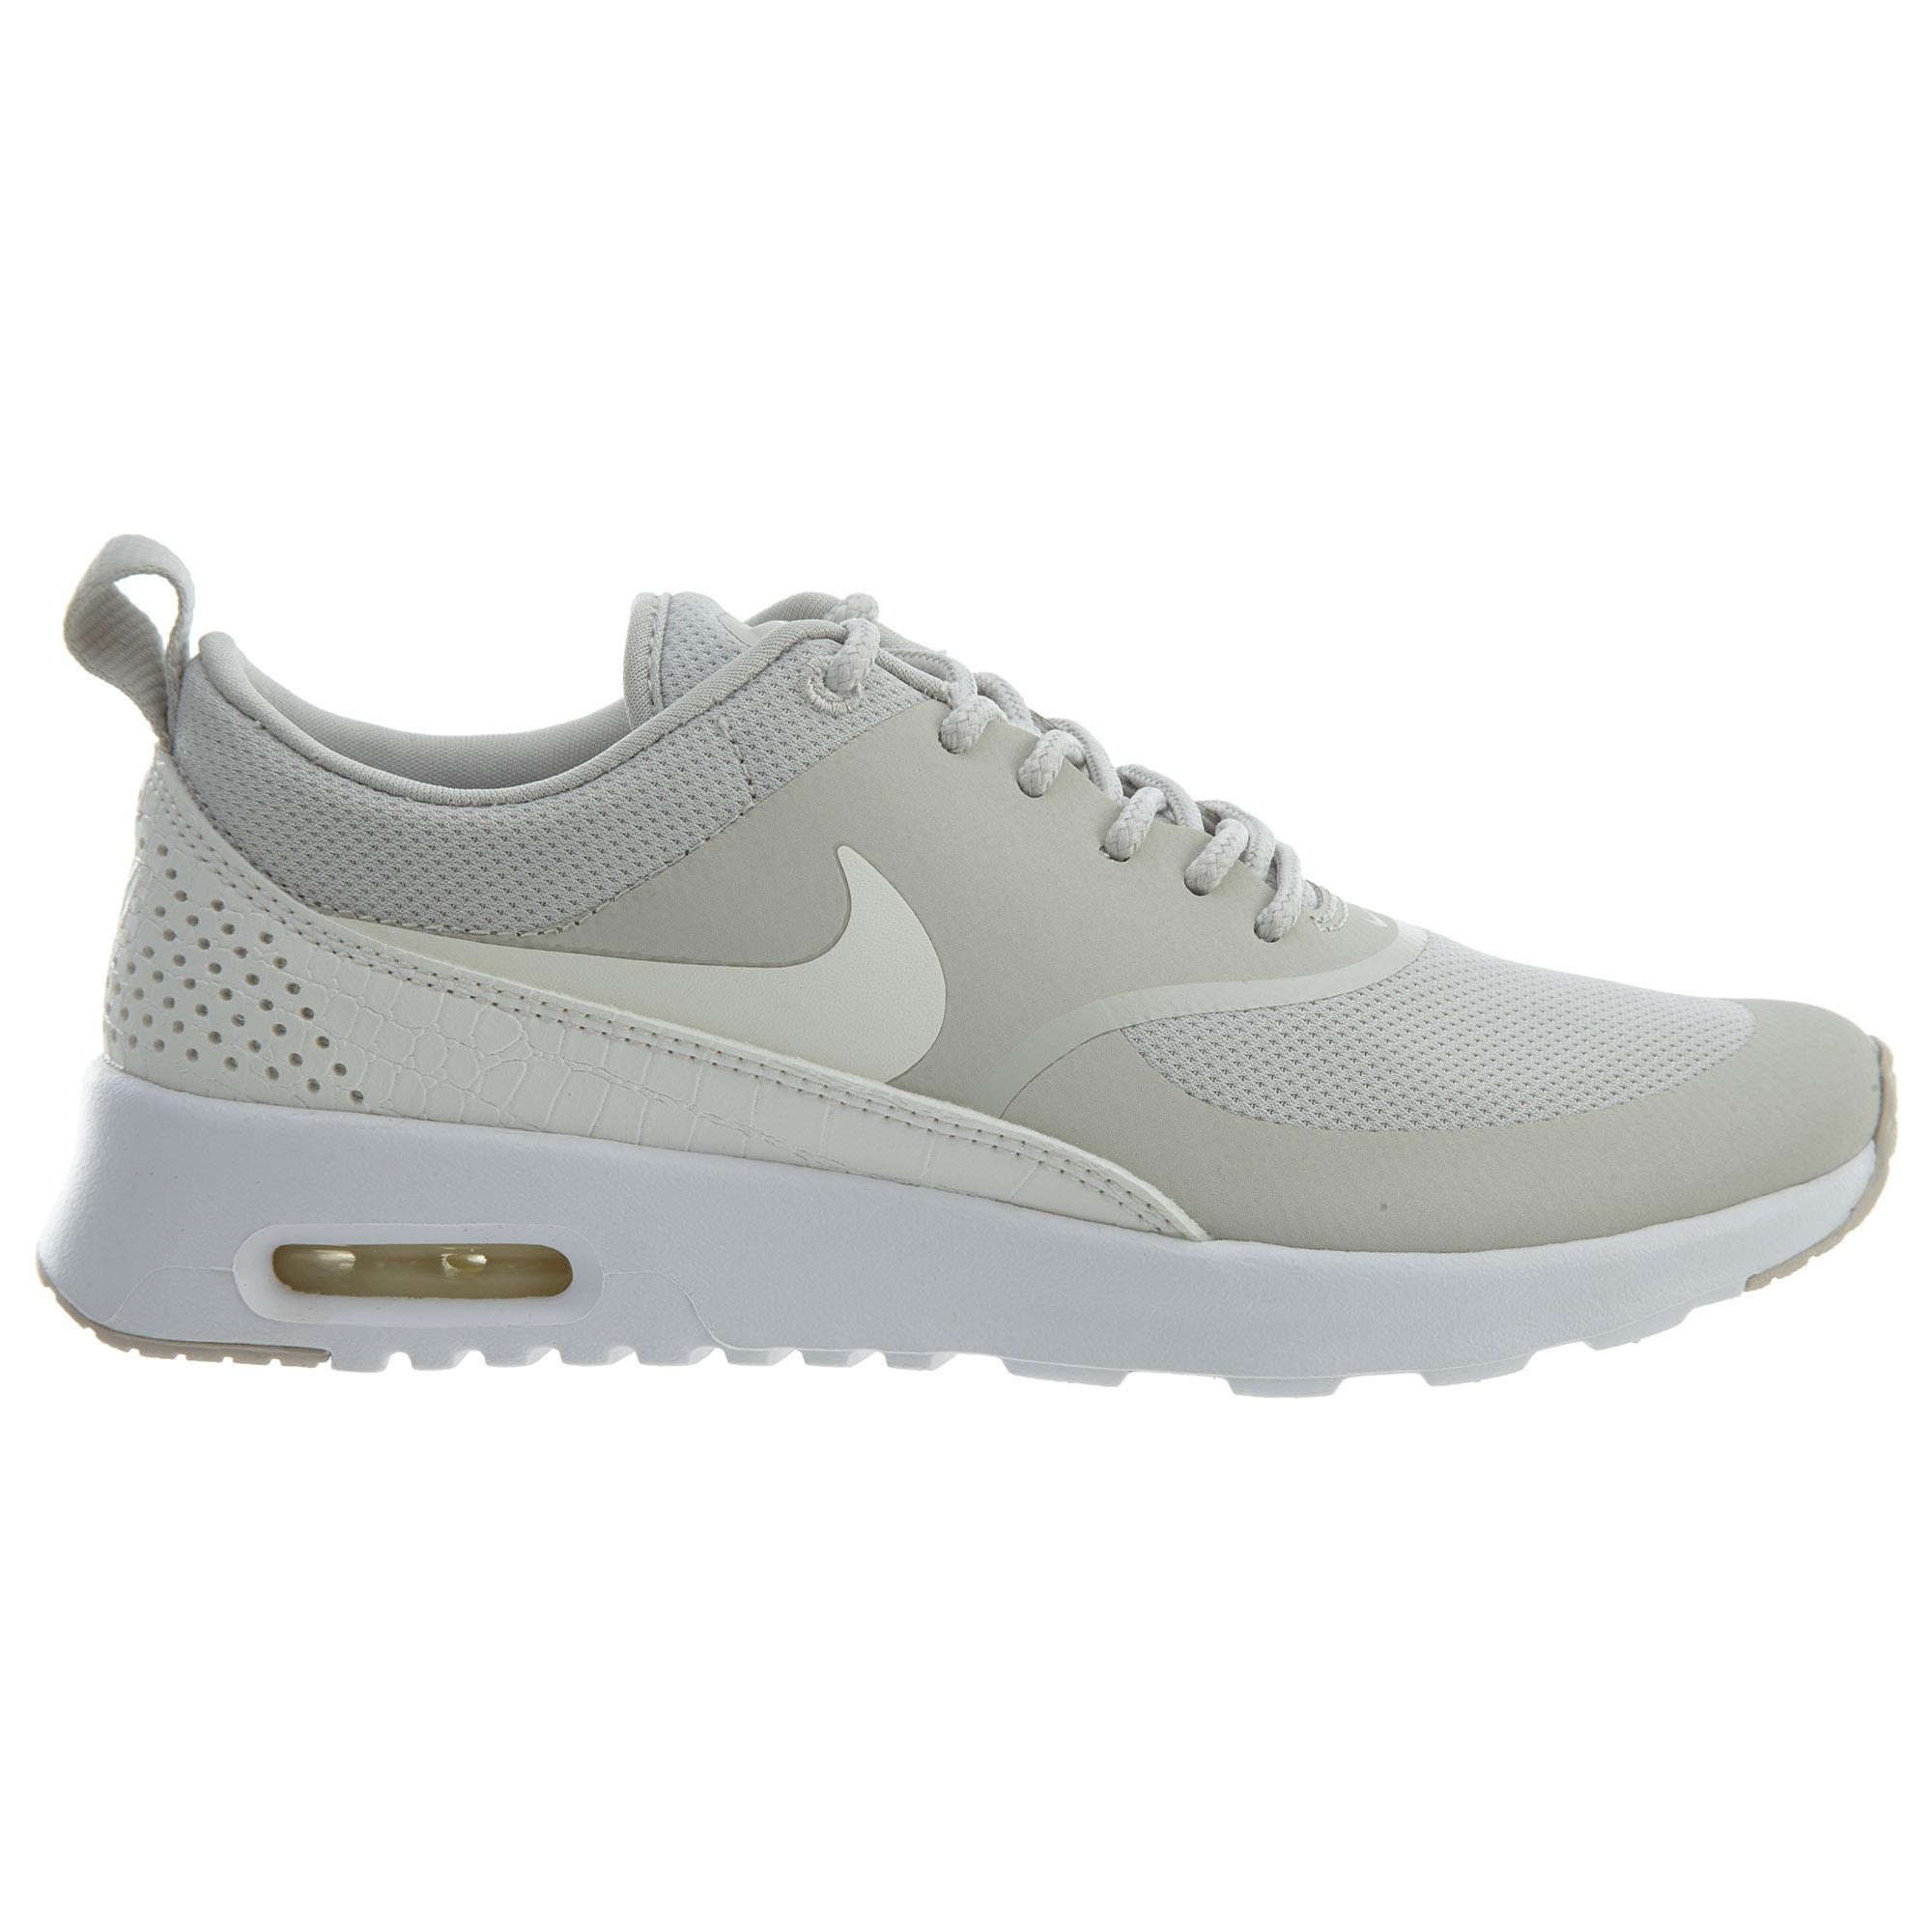 Nike Air Max Thea Light Bone Sail-White